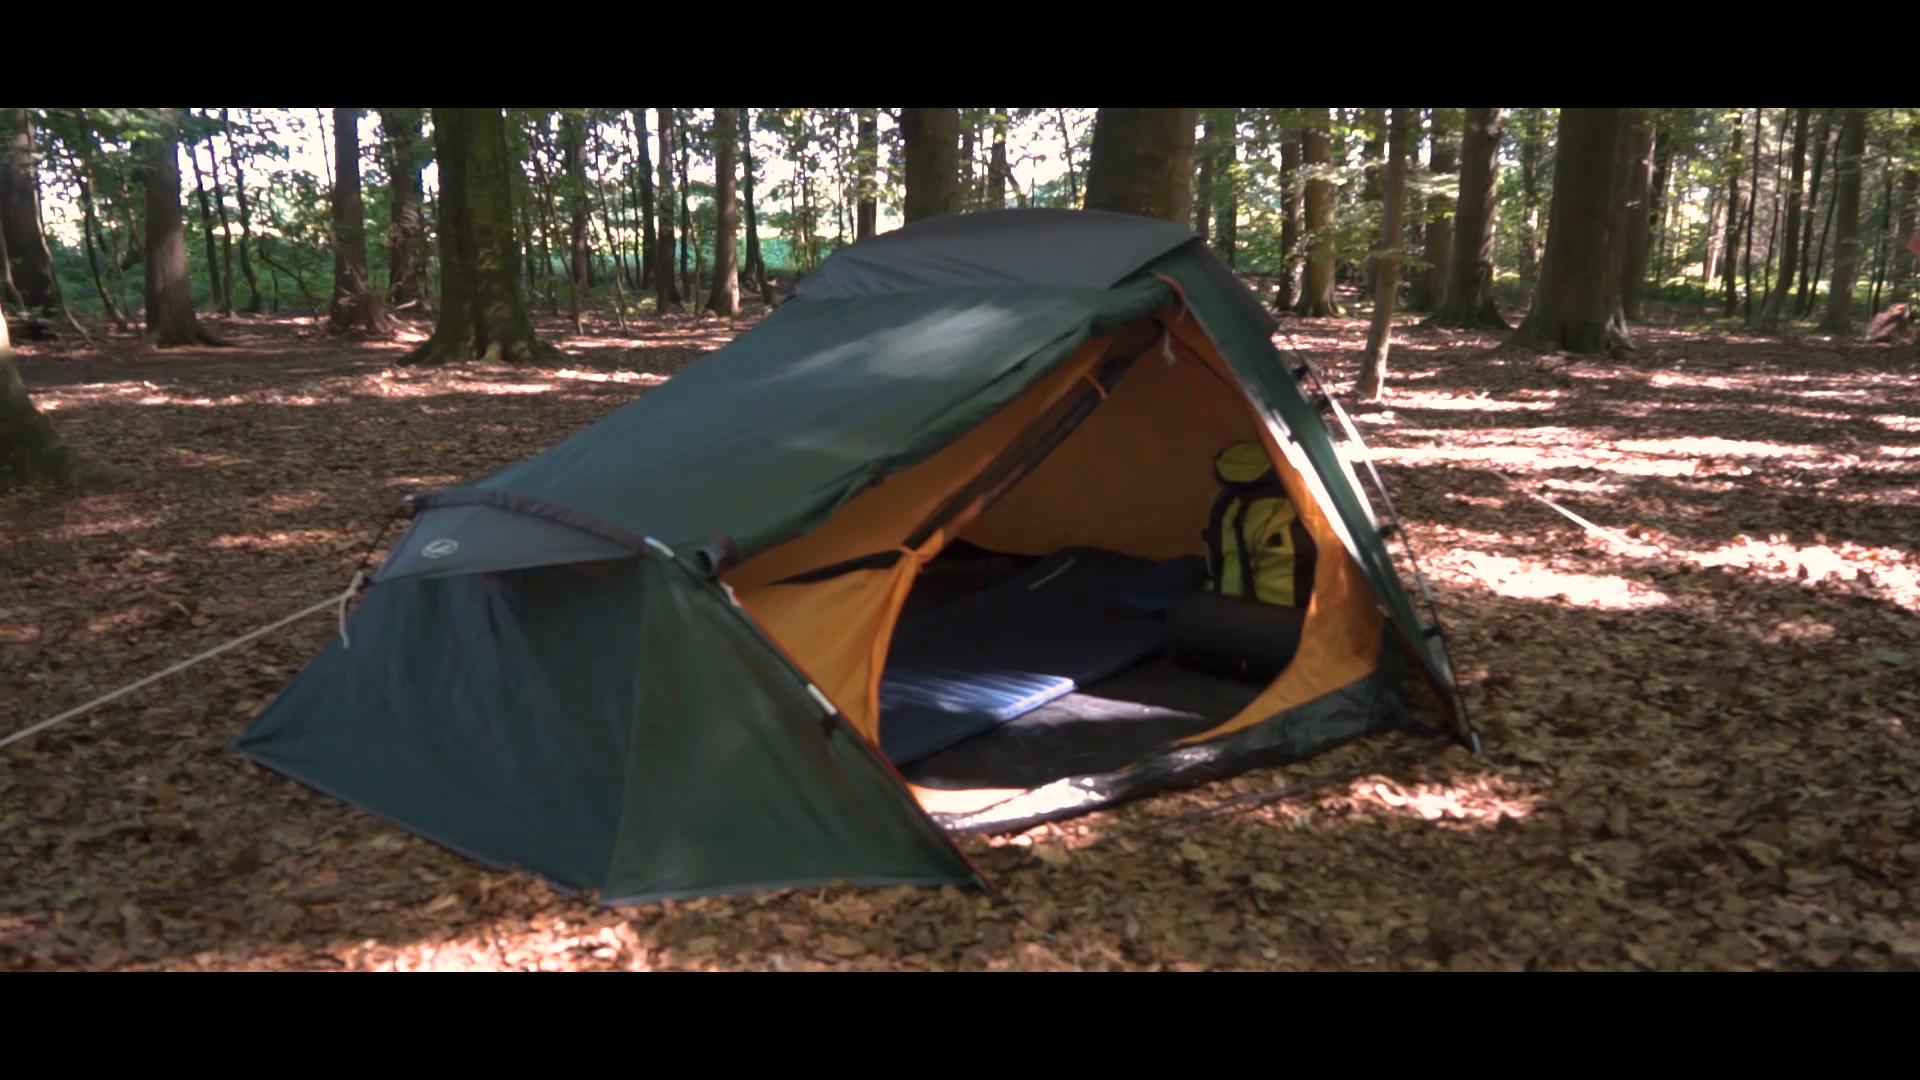 Ultrasport Tienda de campaña adecuada para festivales, camping y trekking, se entrega con bolsa de transporte… 6